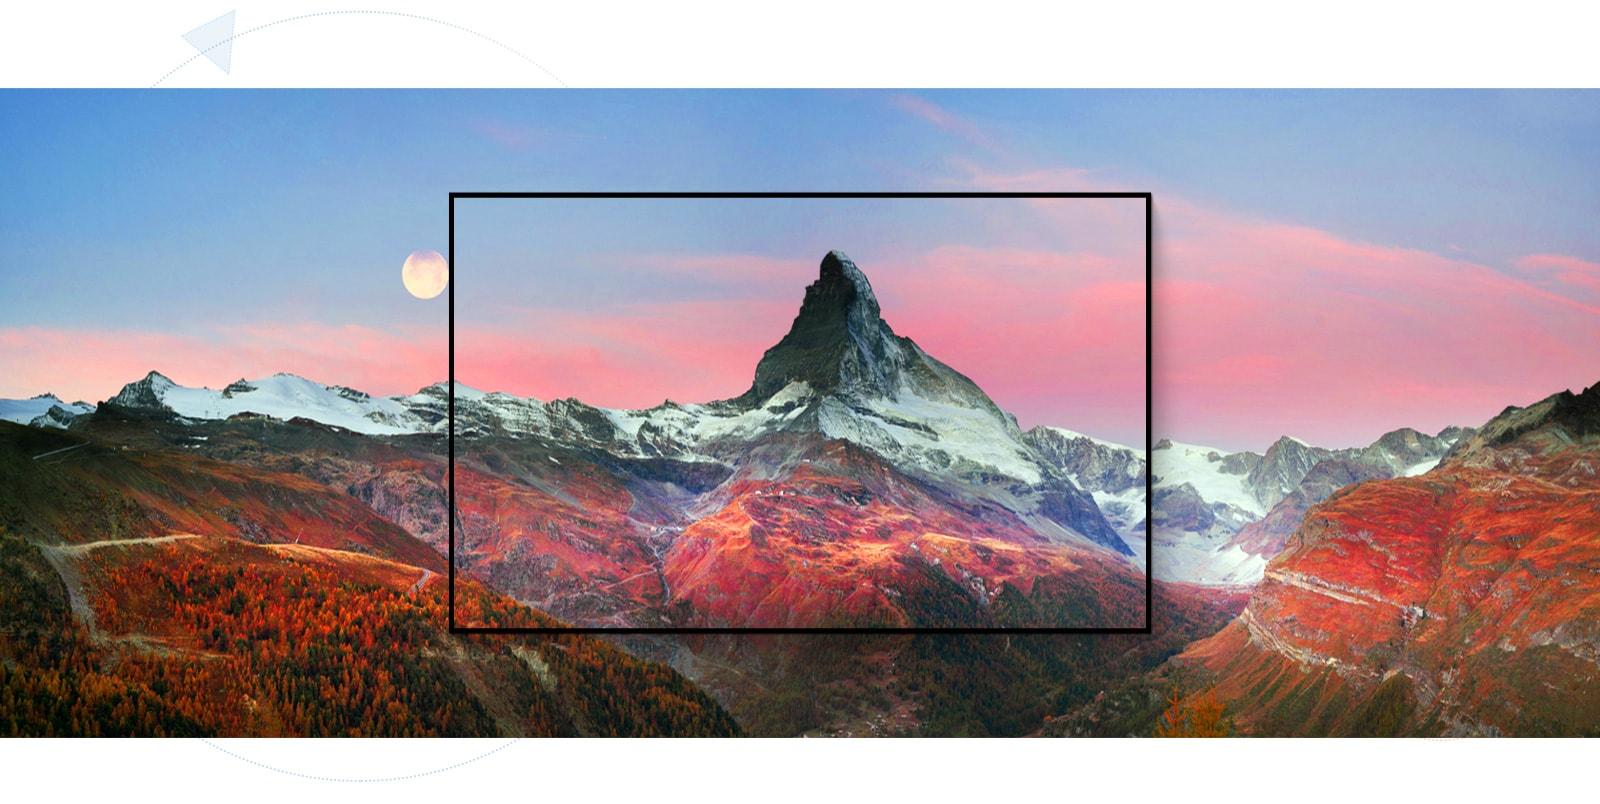 A képkockán egy hatalmas hegy látható (videó megtekintése)